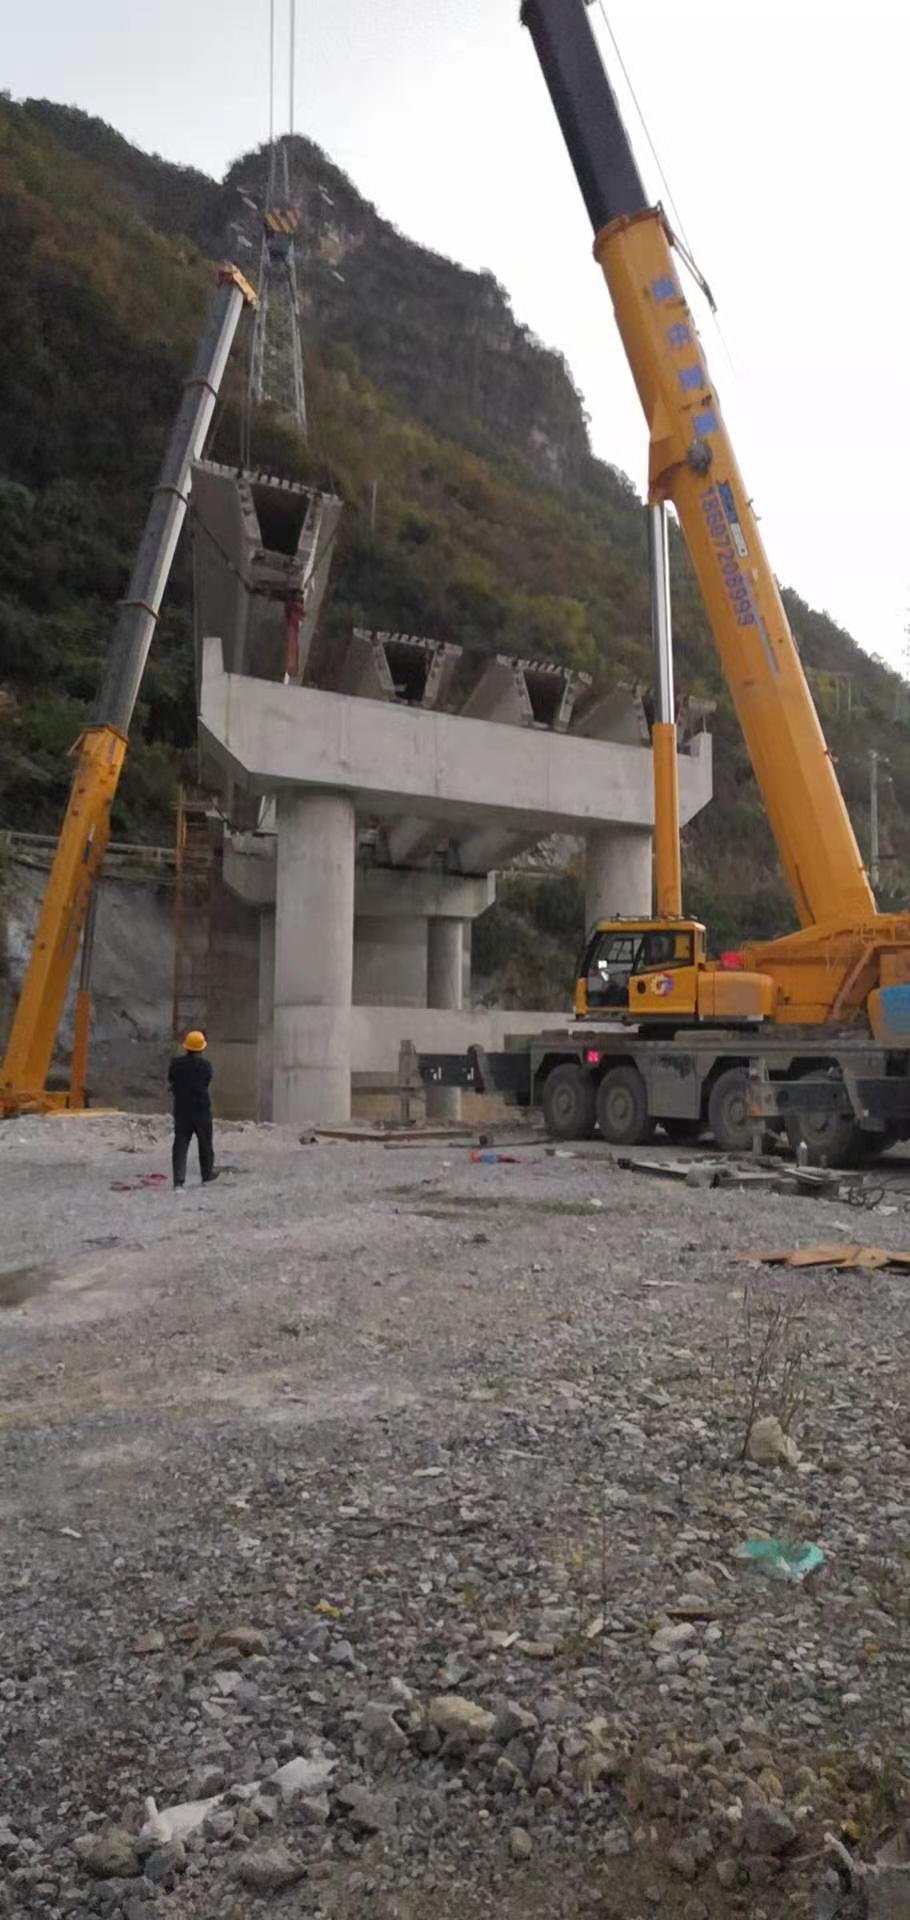 中鐵大橋集團一局興山平水公路橋吊裝